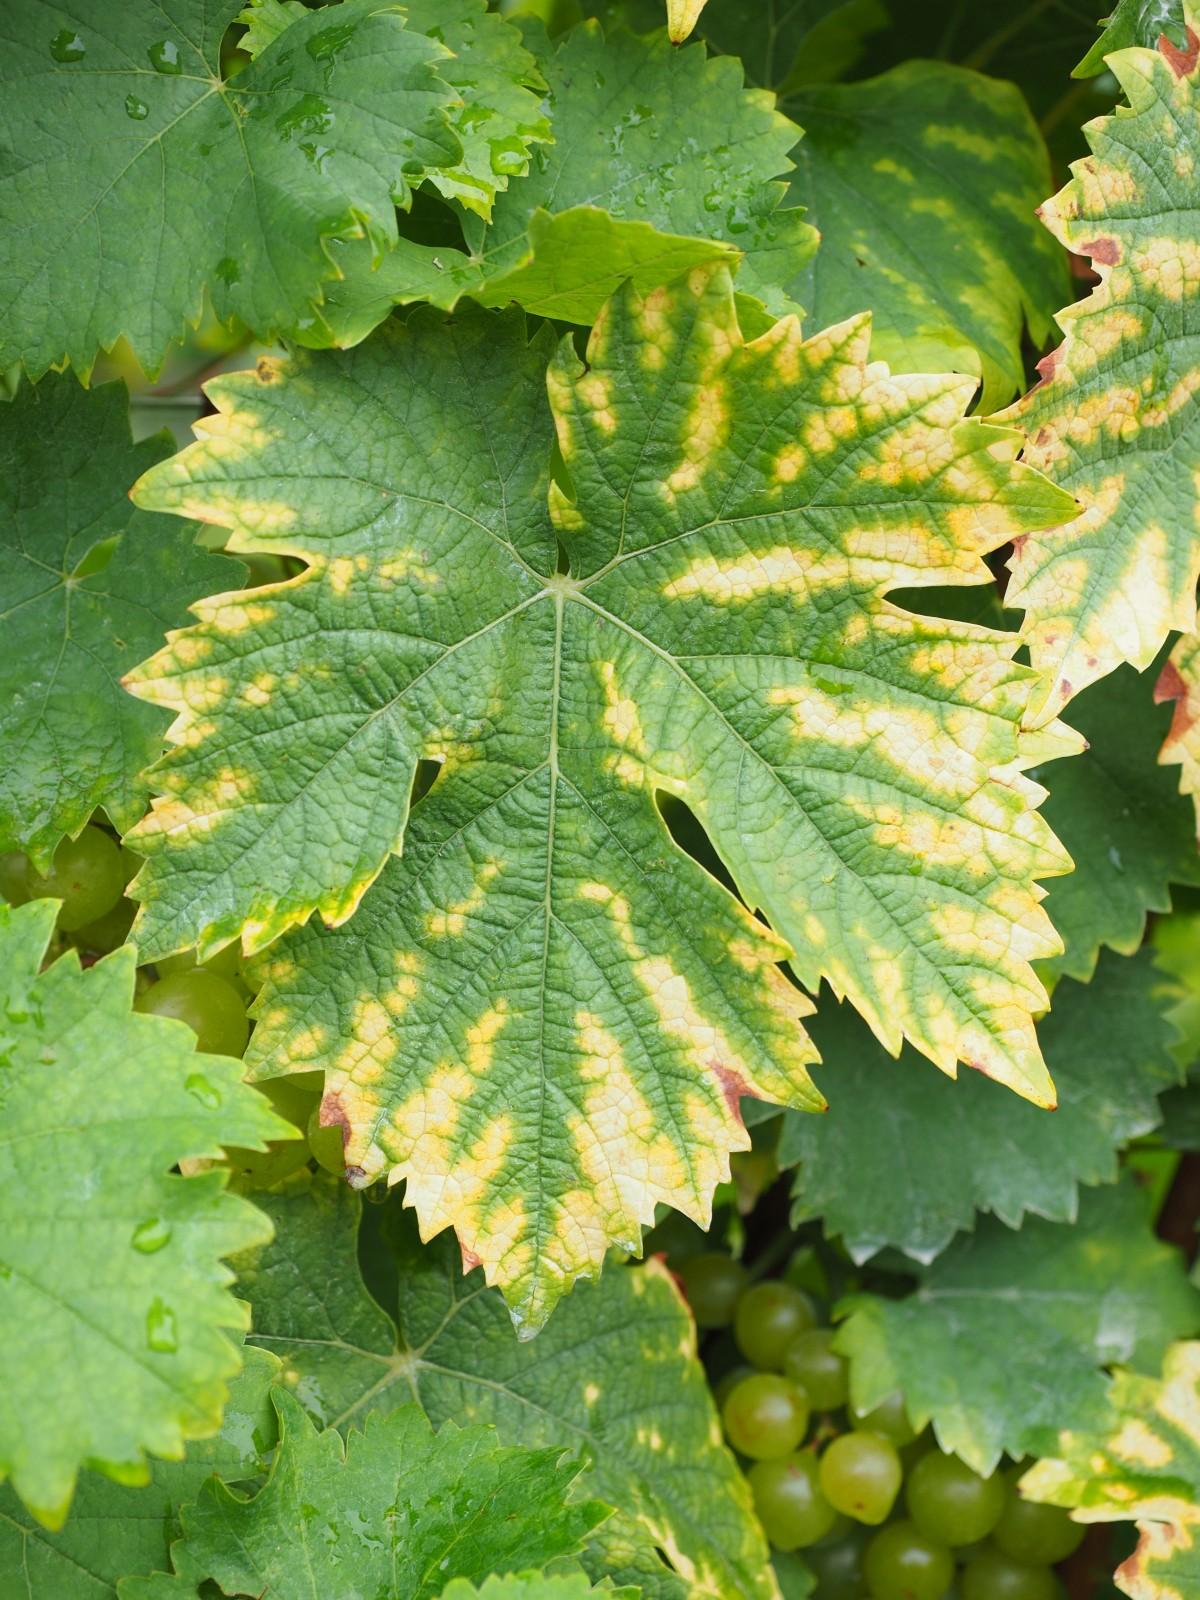 Free Images : fruit, flower, food, green, produce, autumn, botany ...